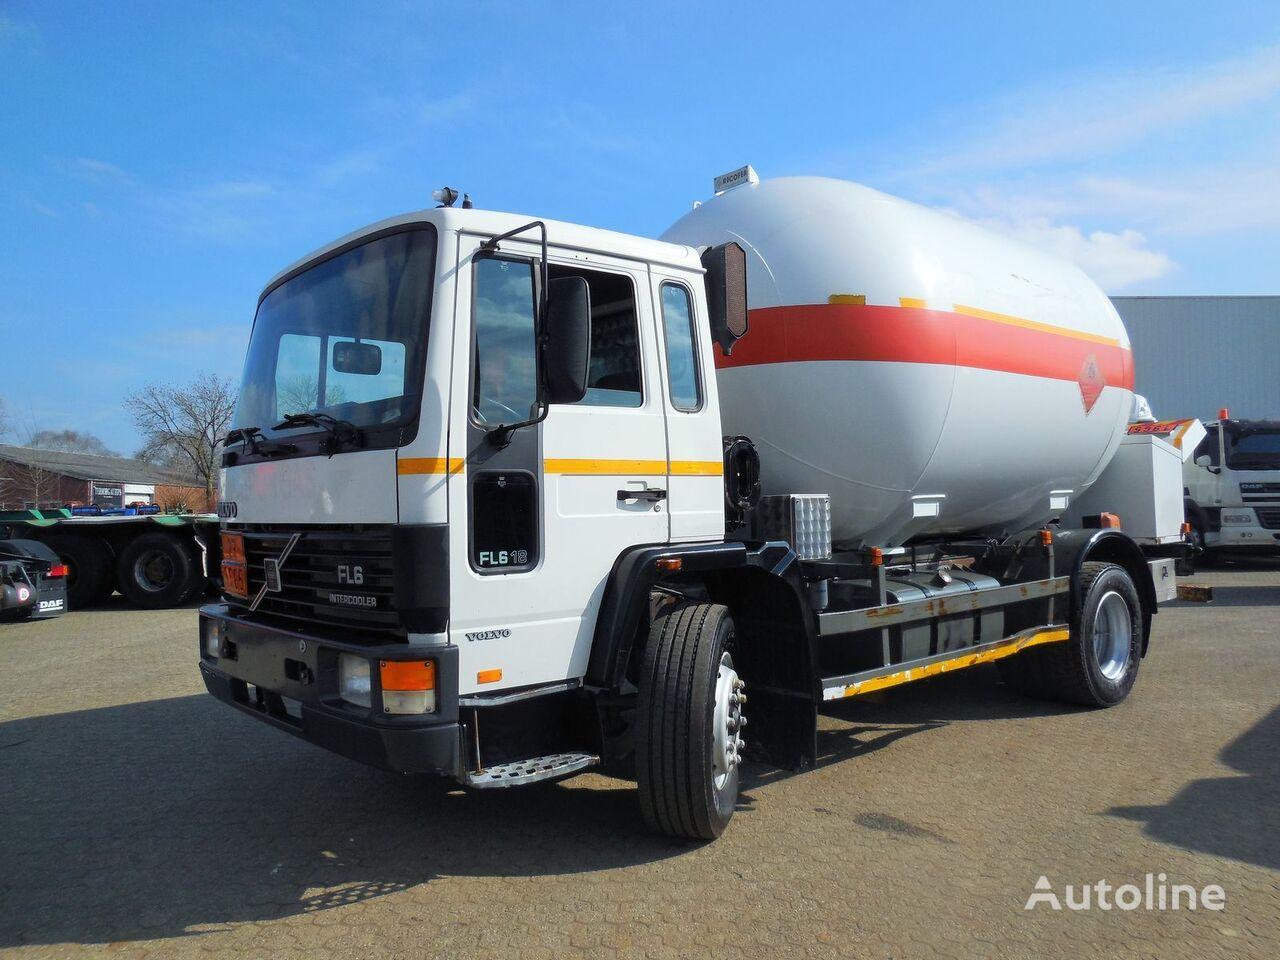 VOLVO Volvo GAS 17.000 - FL618 - P27BH - GPL gas truck